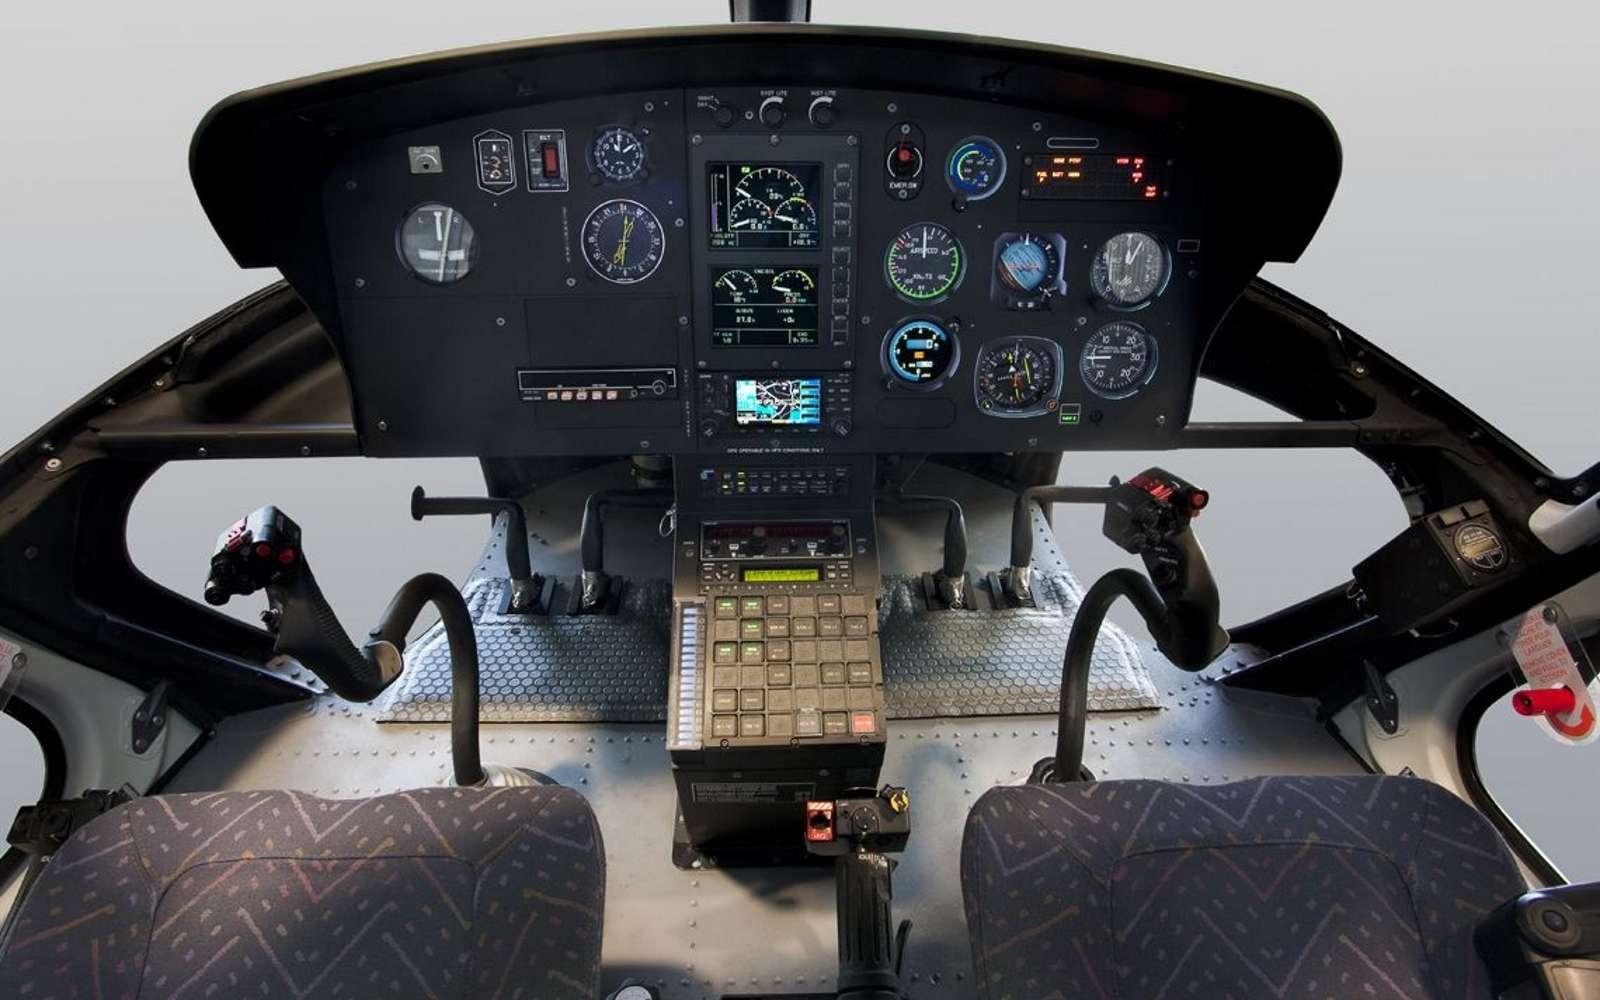 L'Écureuil, autrement appelé H125 est capable d'embarquer jusqu'à cinq passagers. Utilisé par l'armée, les secours, il permet aussi de faire des baptêmes de l'air ou du tourisme aérien à plusieurs de façon économique. © Éric Raz, Airbus